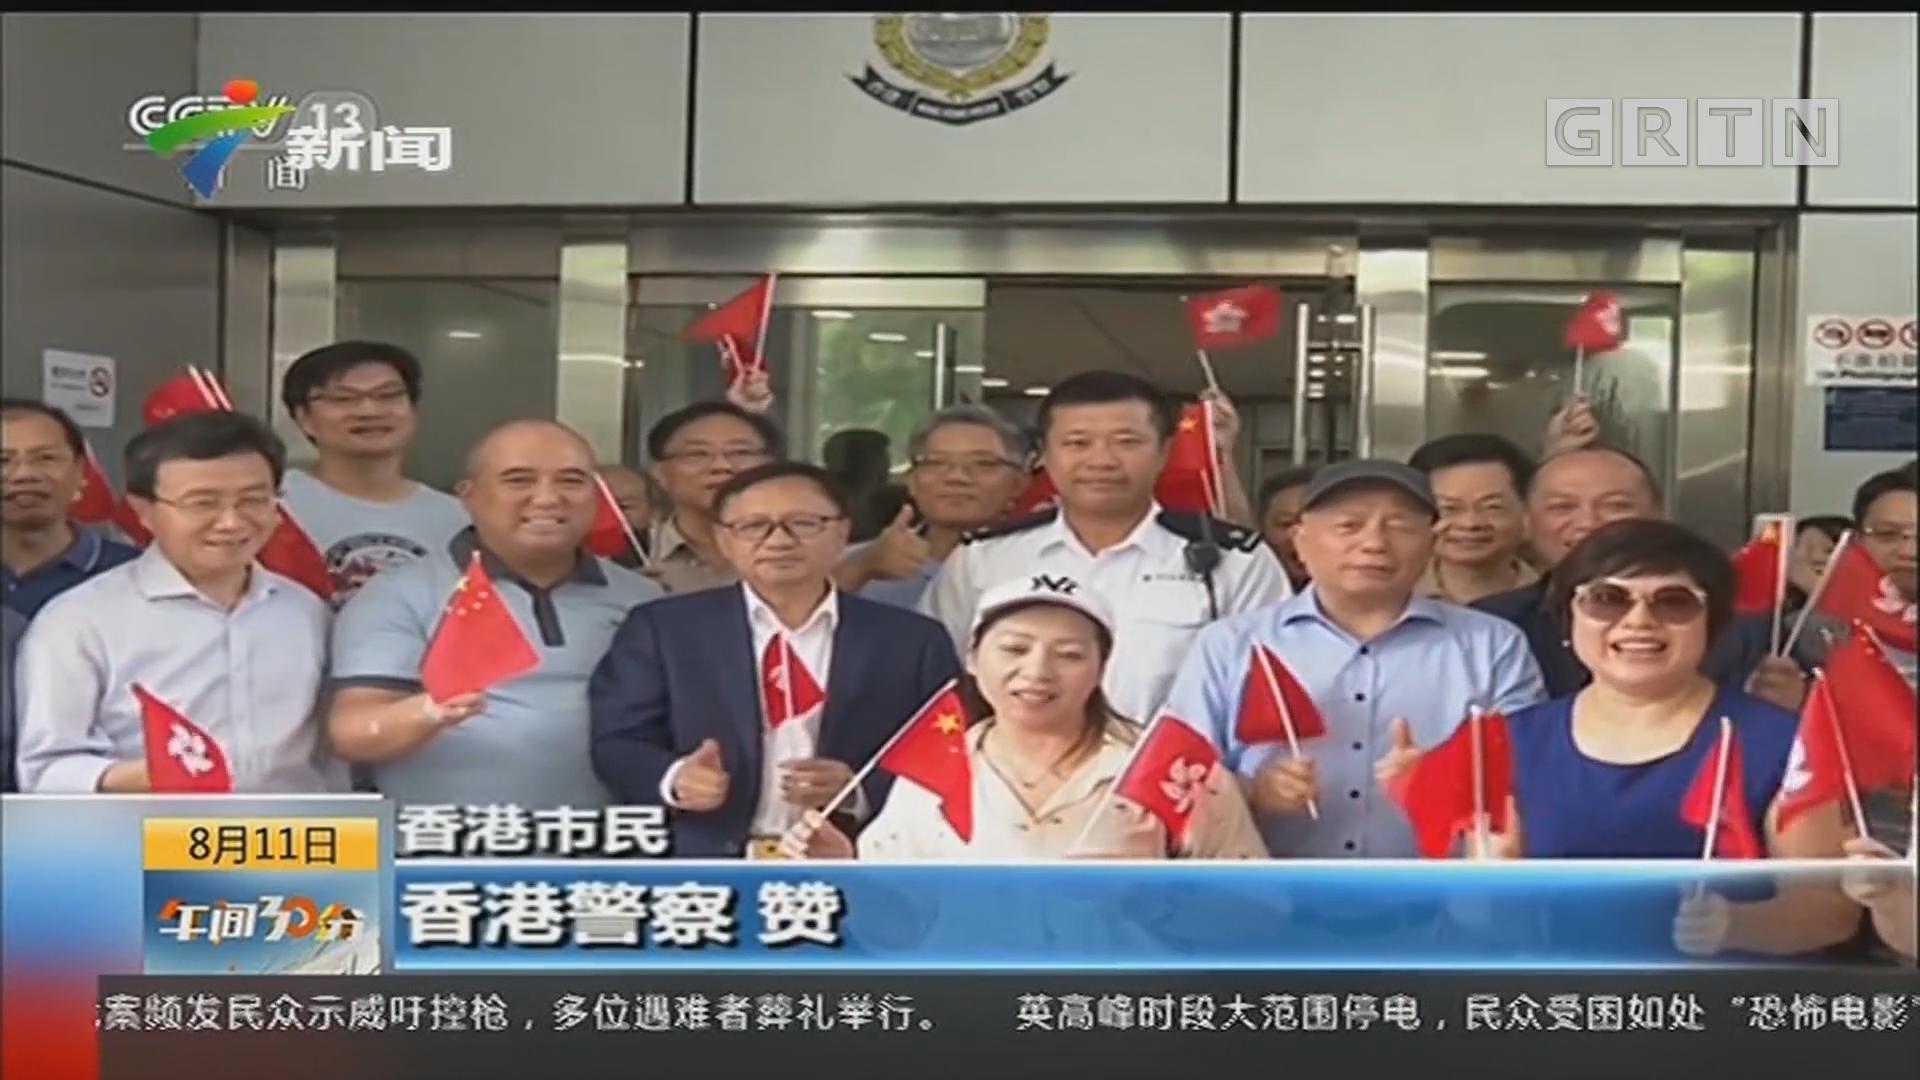 """香港多地发起""""全民撑警日""""活动:为警察点赞 市民自发前往警署慰问"""